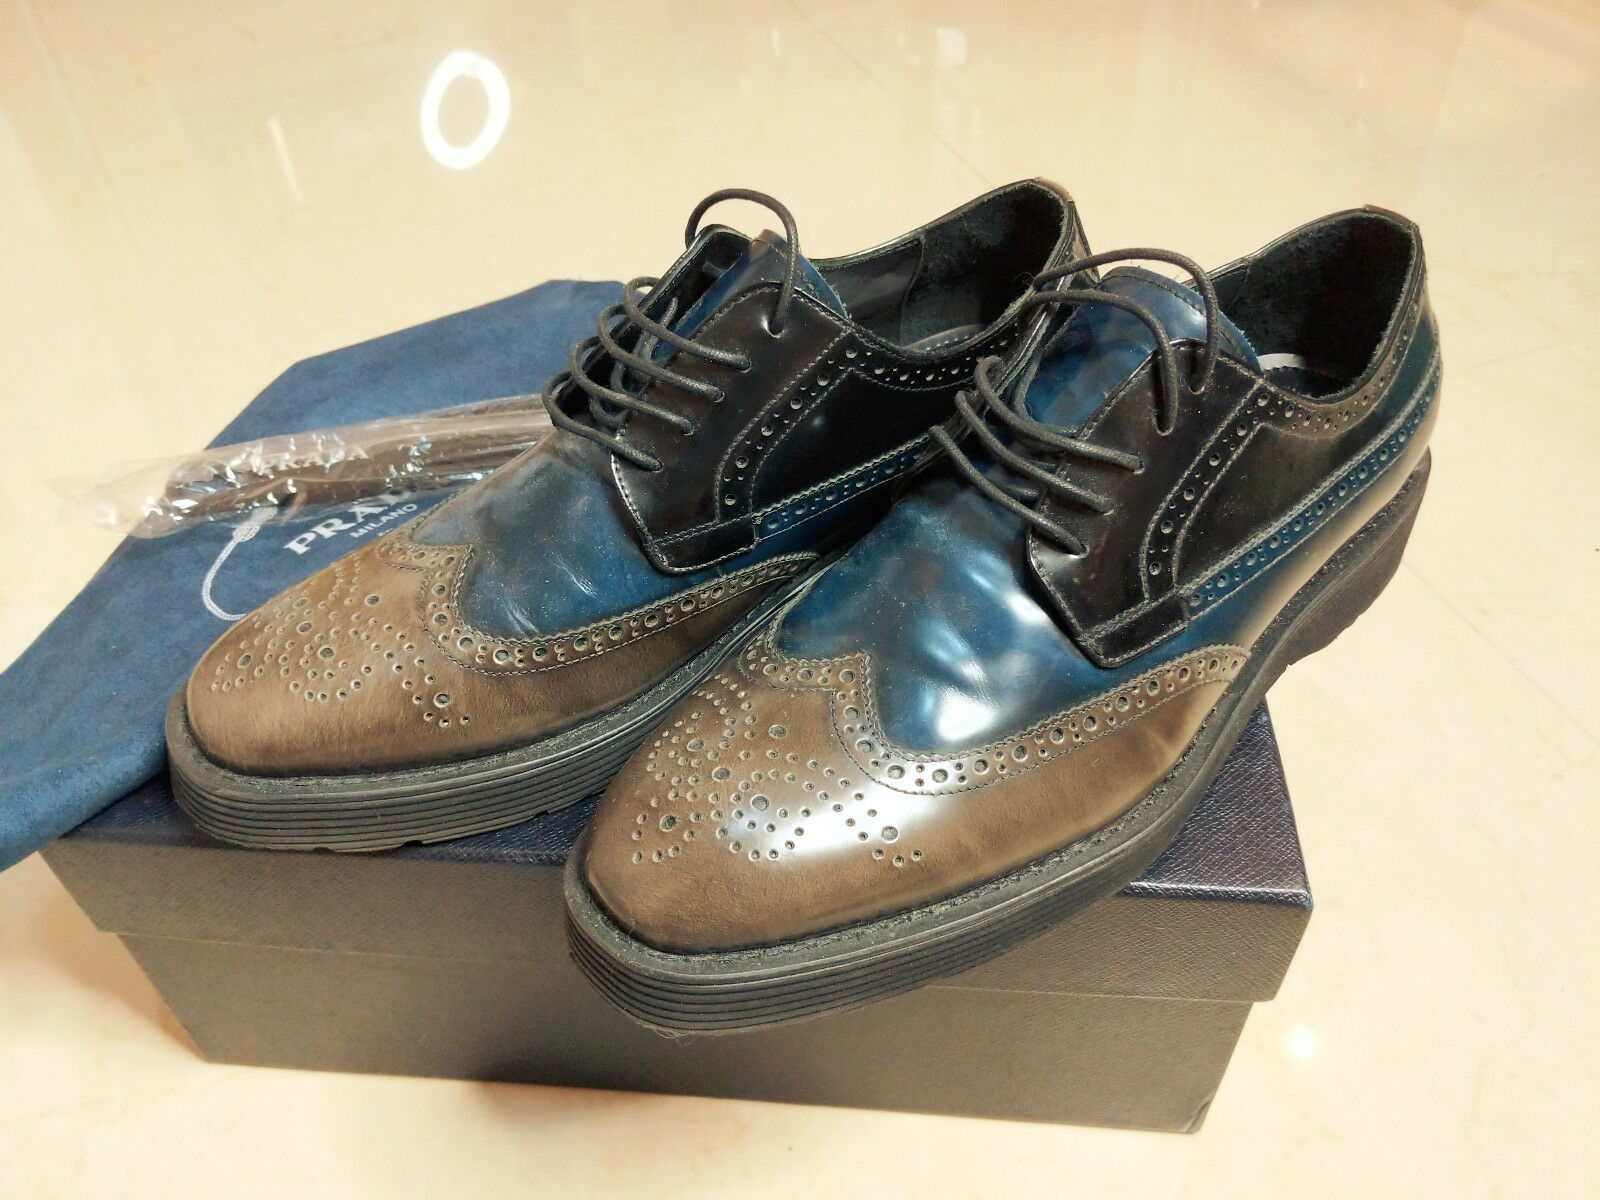 4042d547 Especial PRADA Cuero Azul Negro Marrón Plataforma Zapatos EE. UU. Derby  Hombre nulucl4206-Zapatillas deportivas